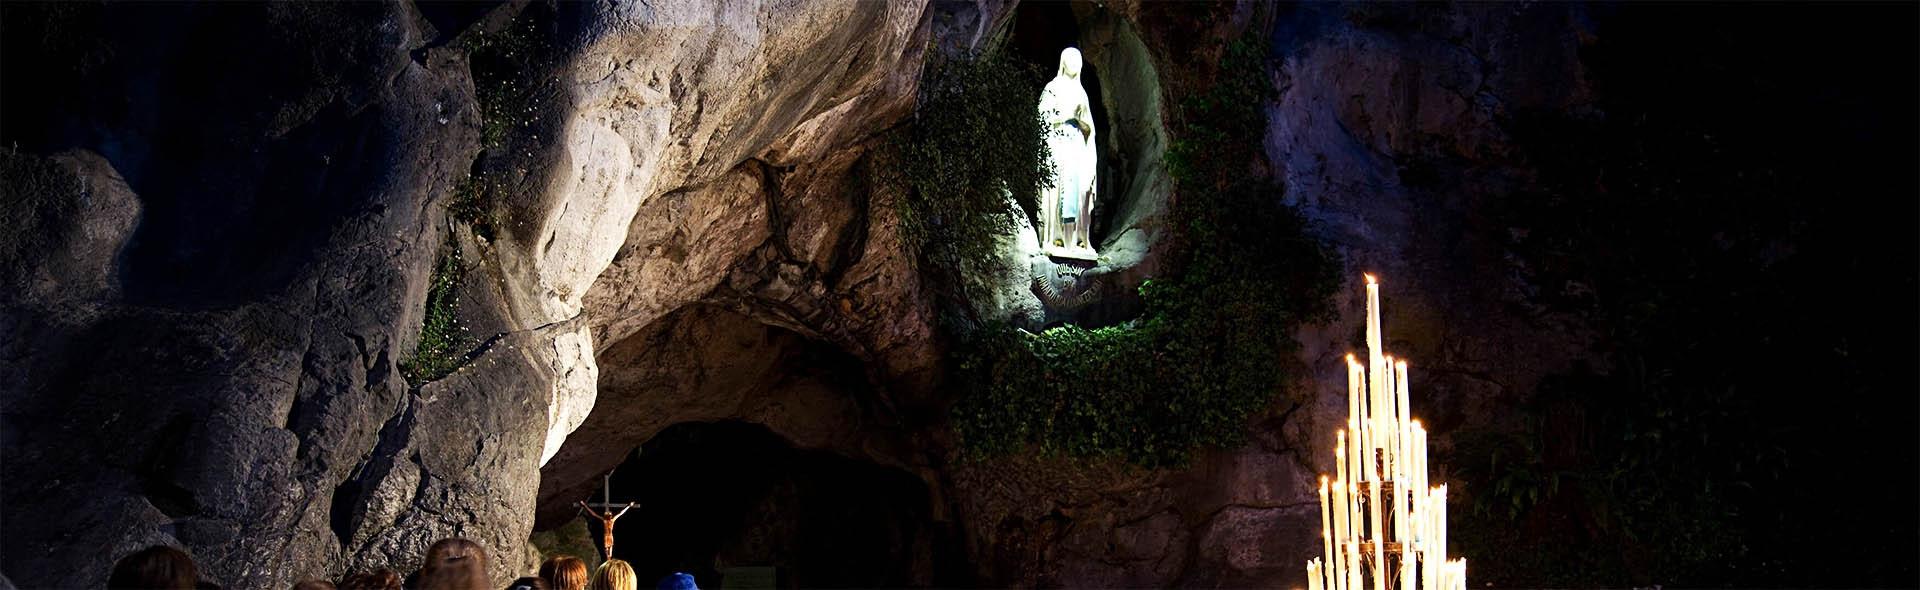 Viaggio a Lourdes in Aereo da Napoli Ferragosto